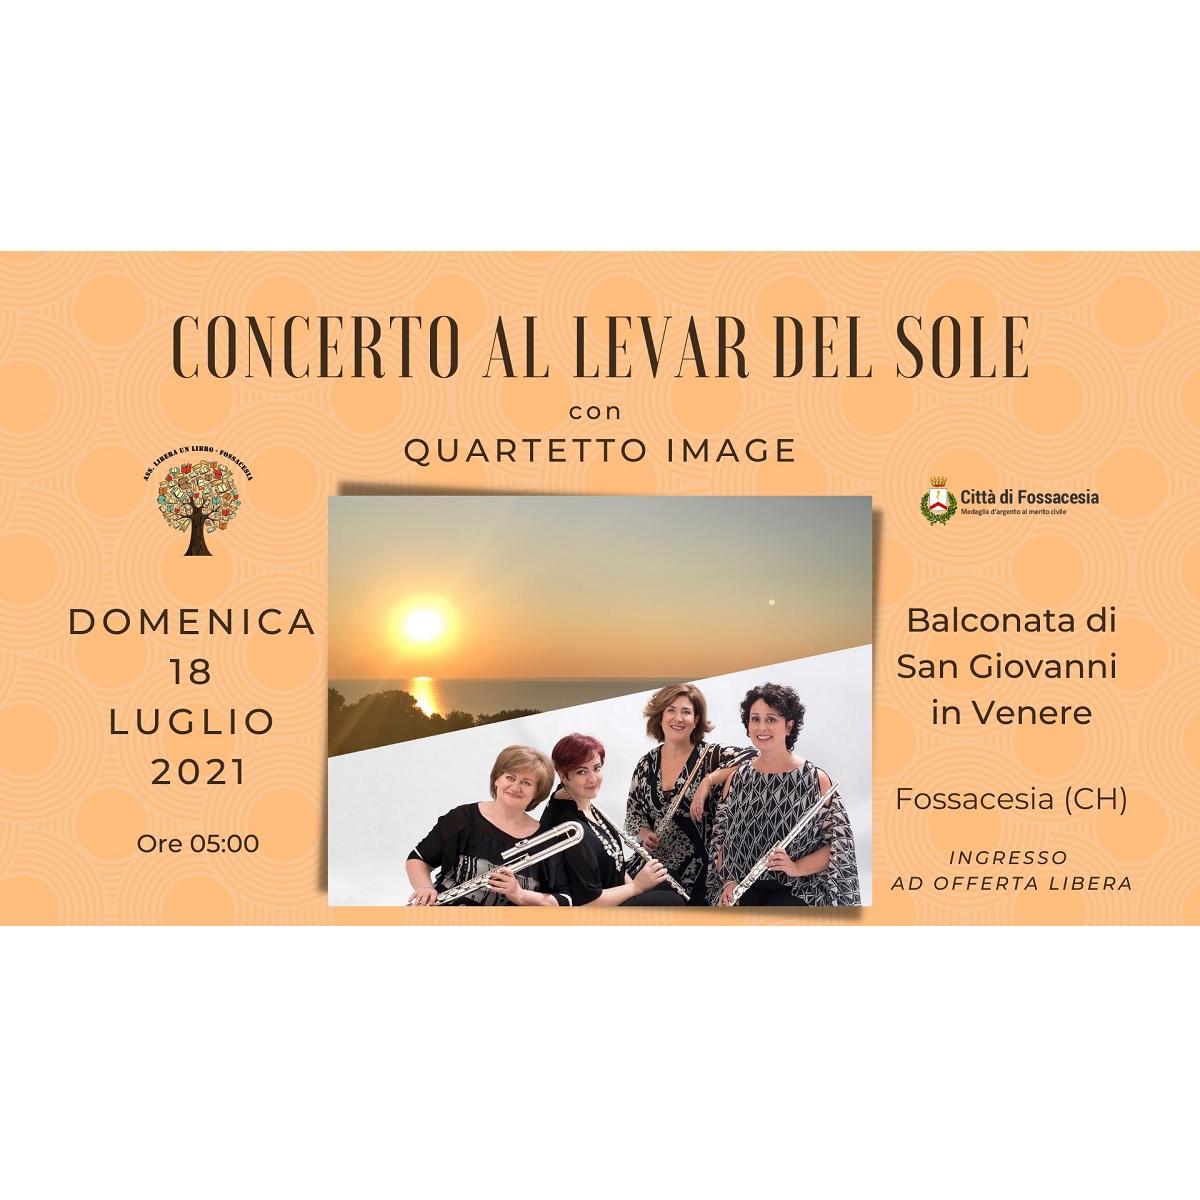 Concerto al Levar del Sole 2021 domenica 18 luglio 2021 locandina